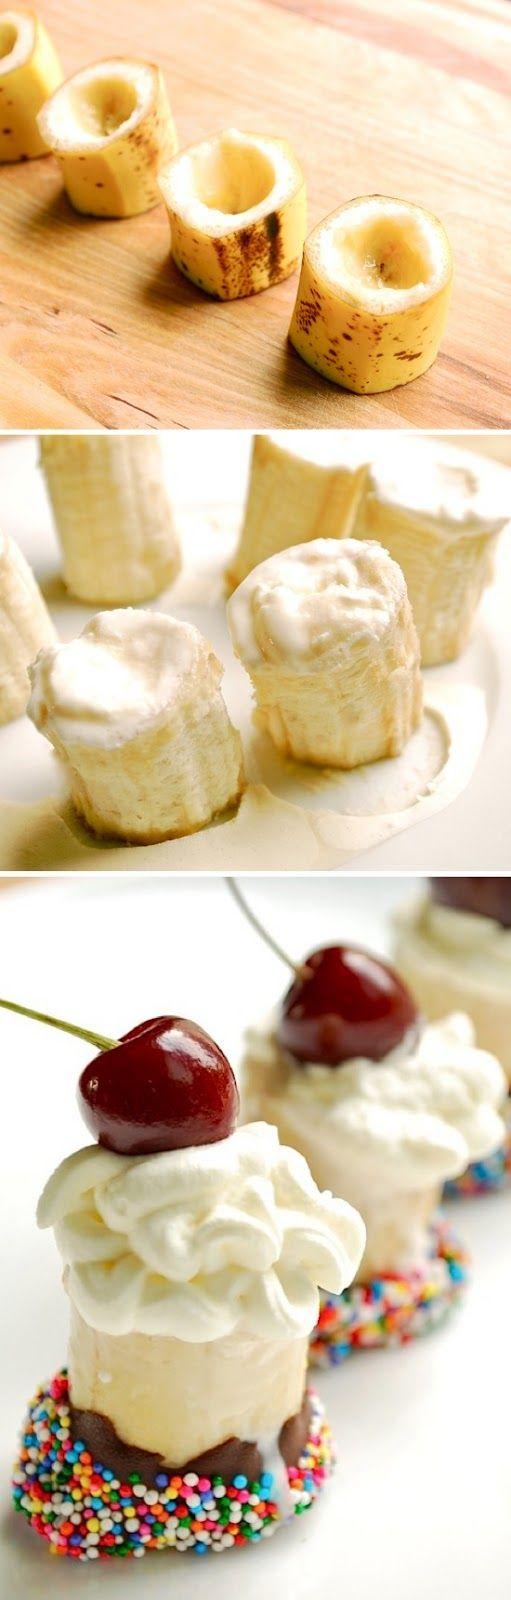 Banana split bites for the #parties #dessert